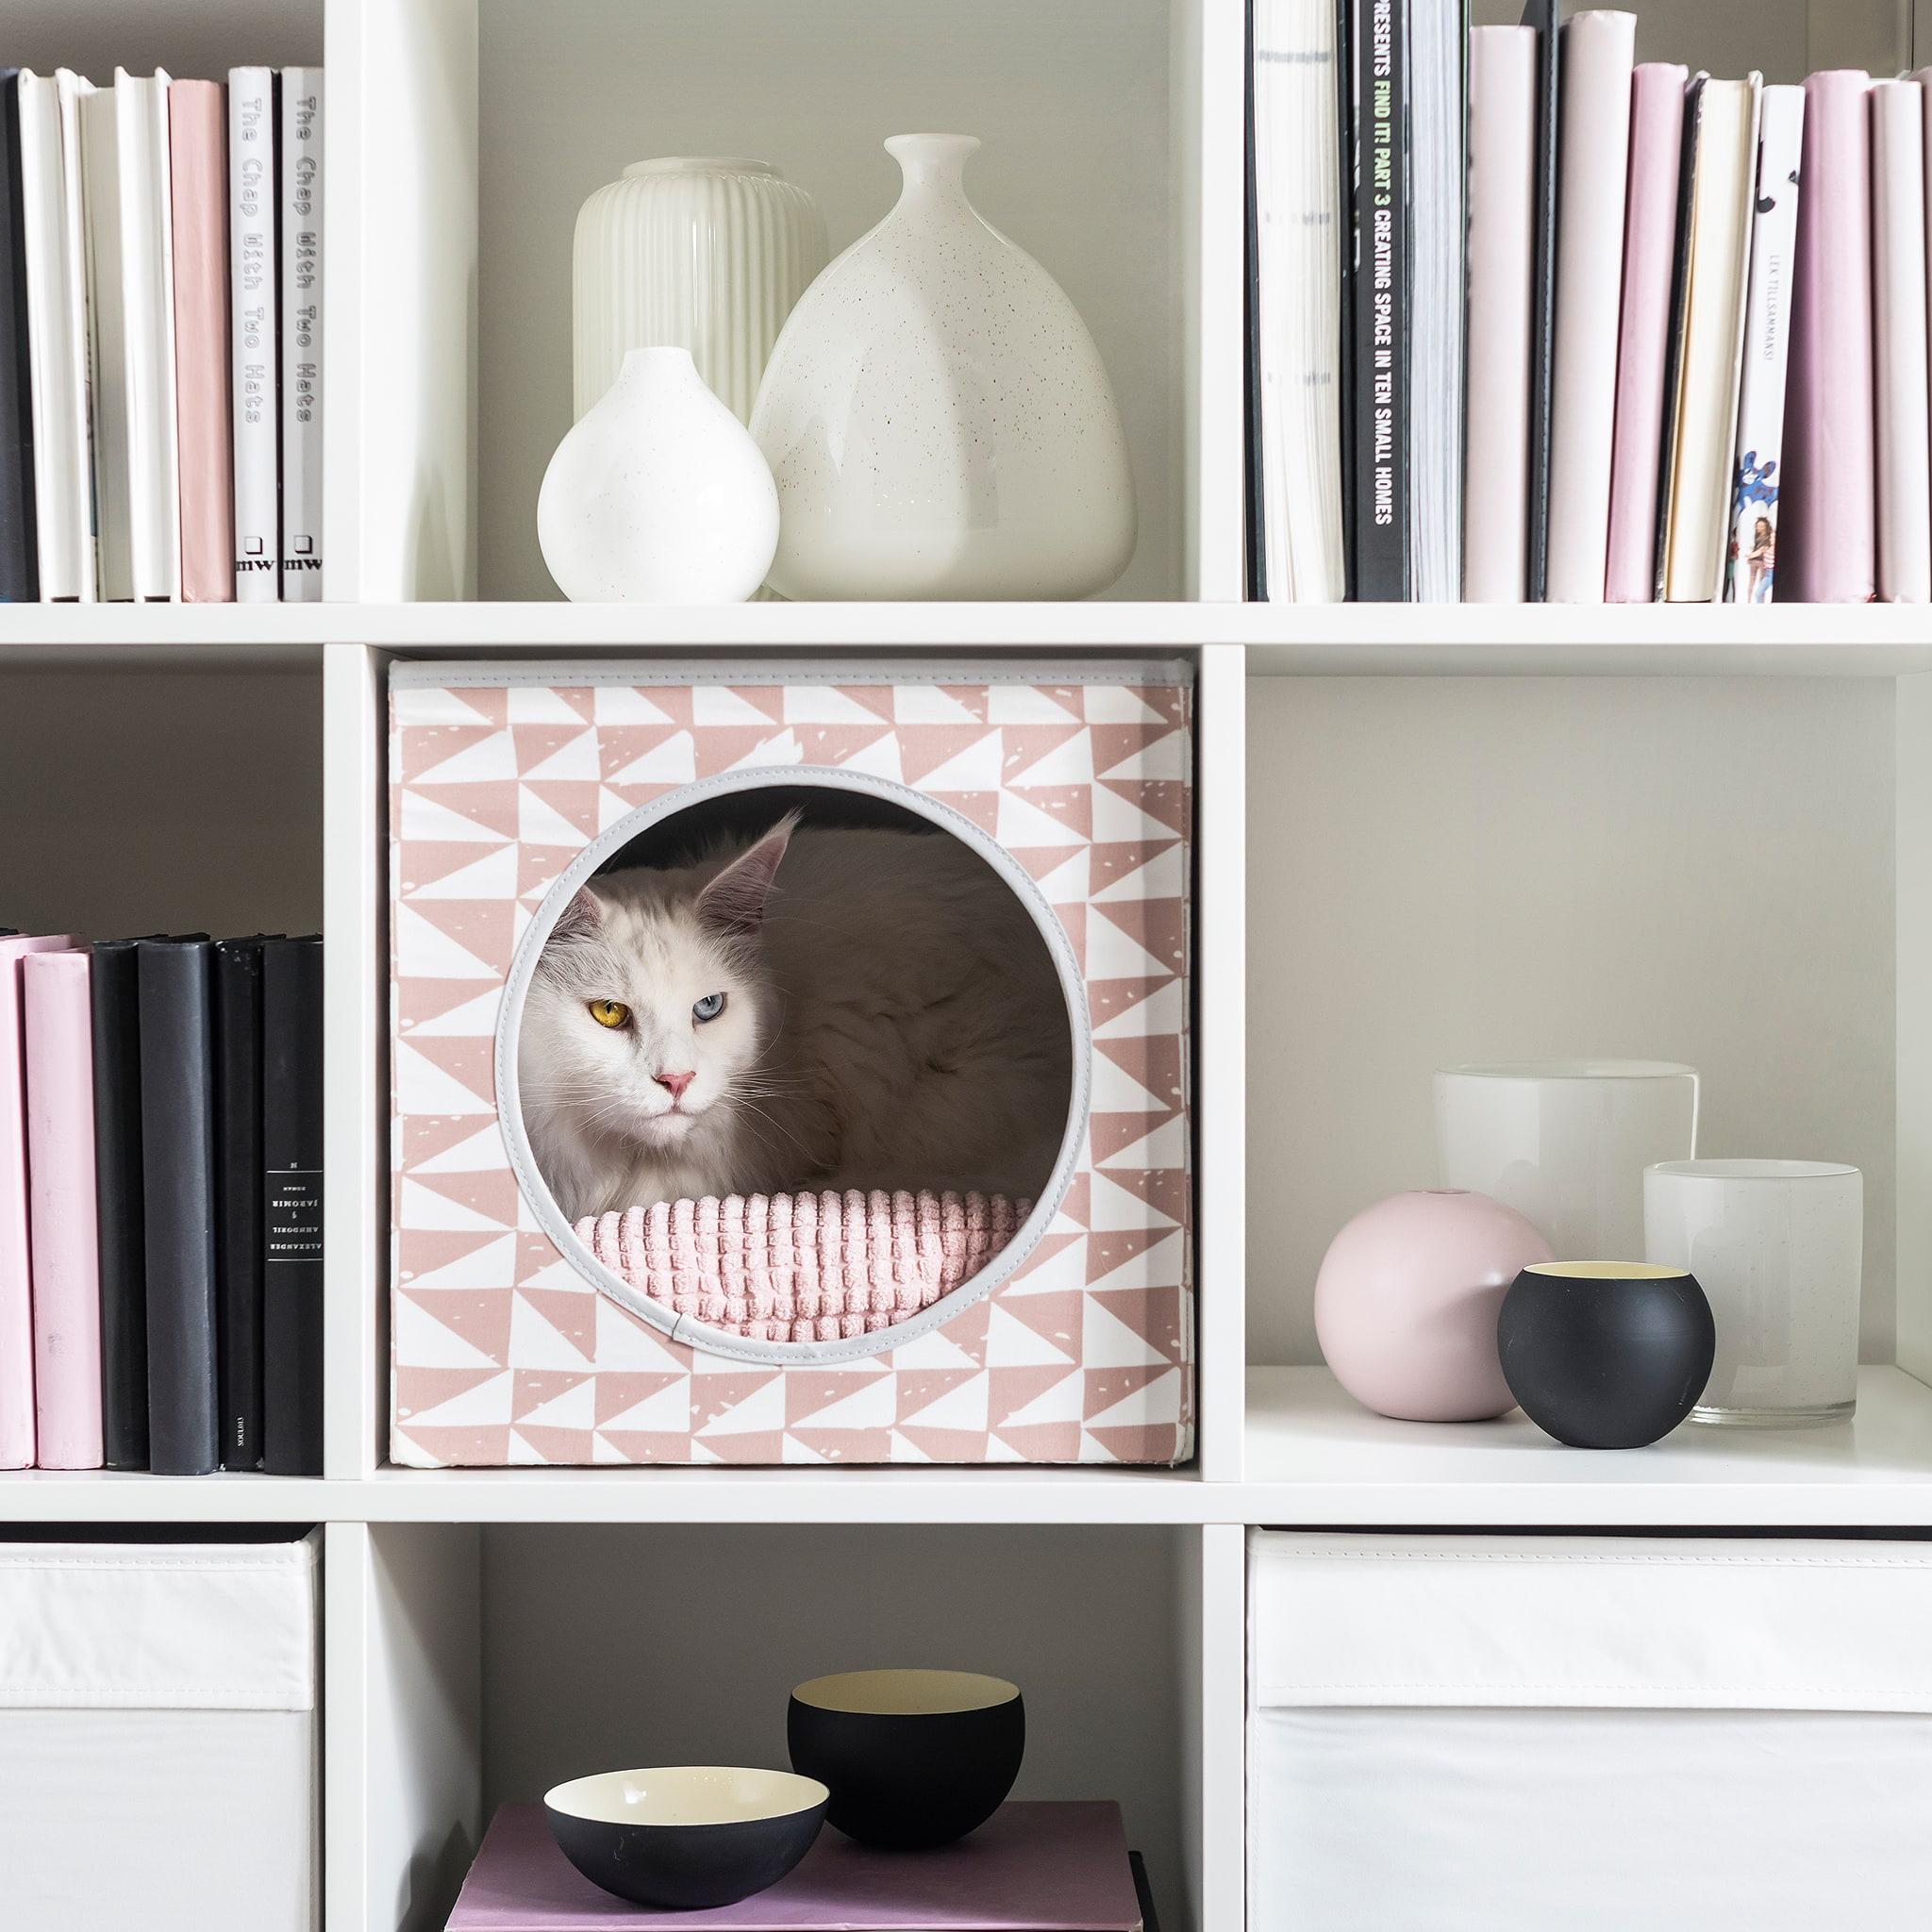 一隻貓躲在書架上的花紋立方形貓屋,旁邊的貯物格放著各種裝飾。